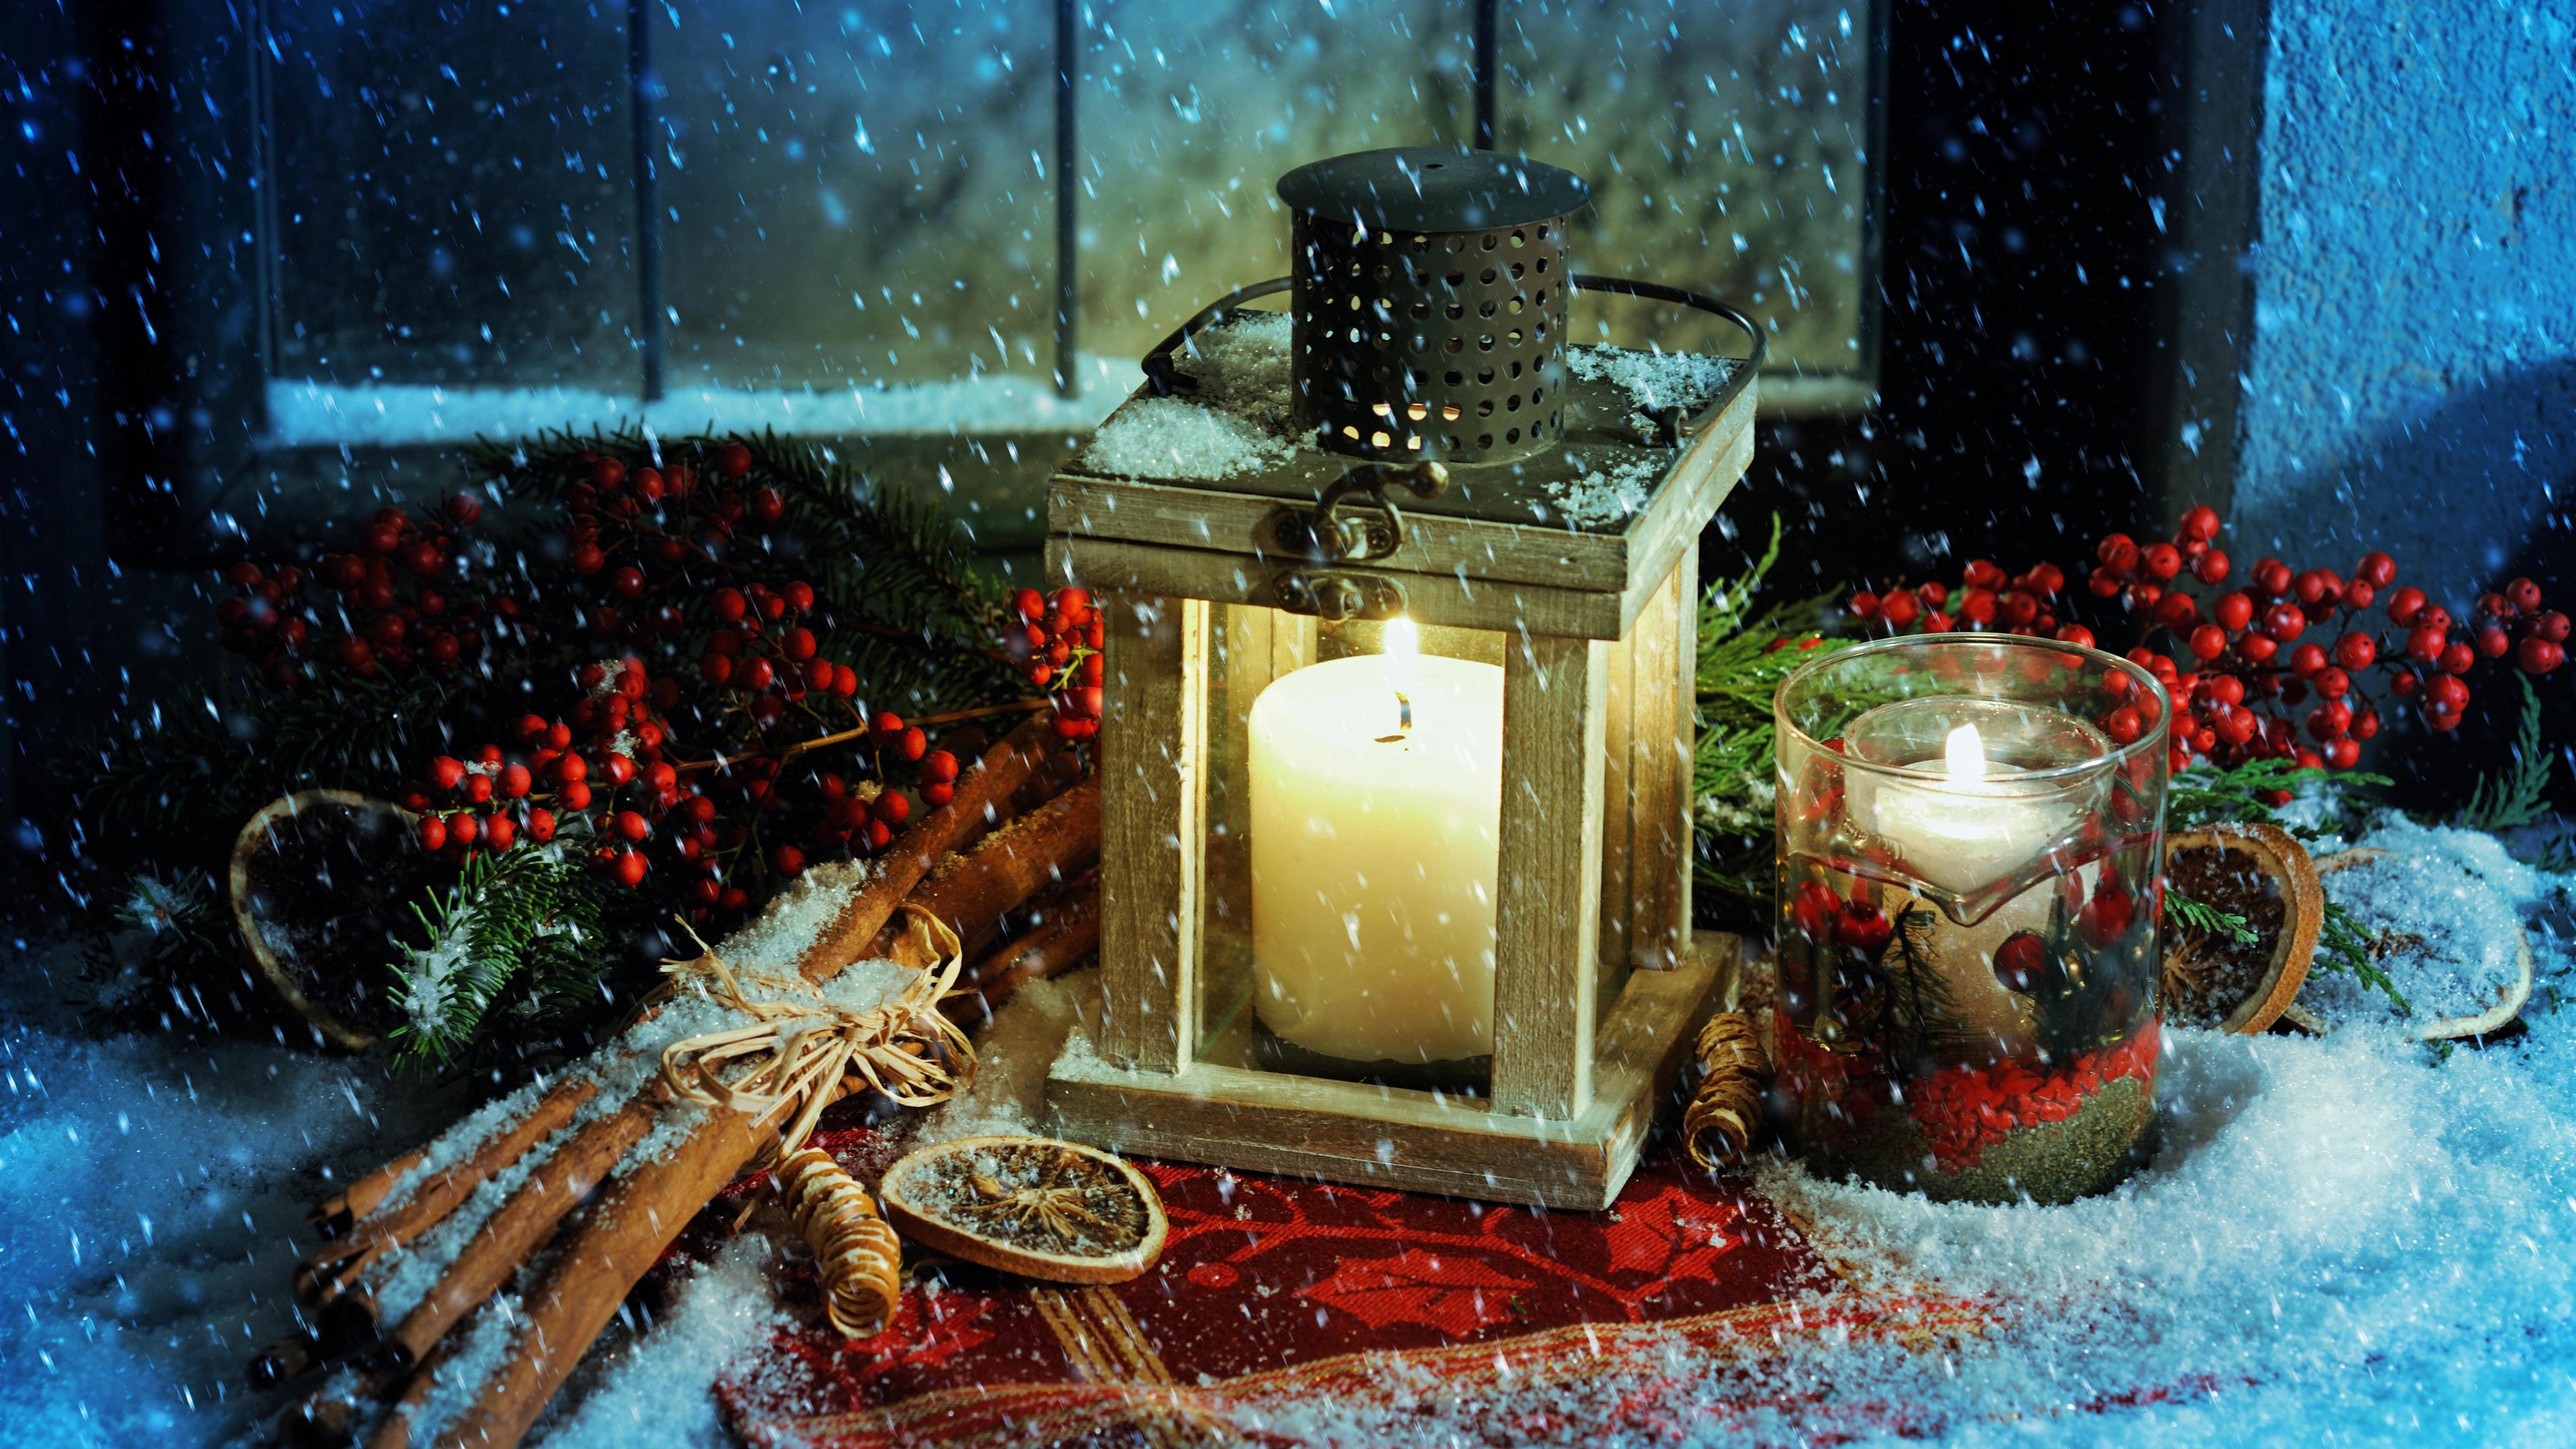 weihnachten themed laterne kerzen feuer schnee. Black Bedroom Furniture Sets. Home Design Ideas